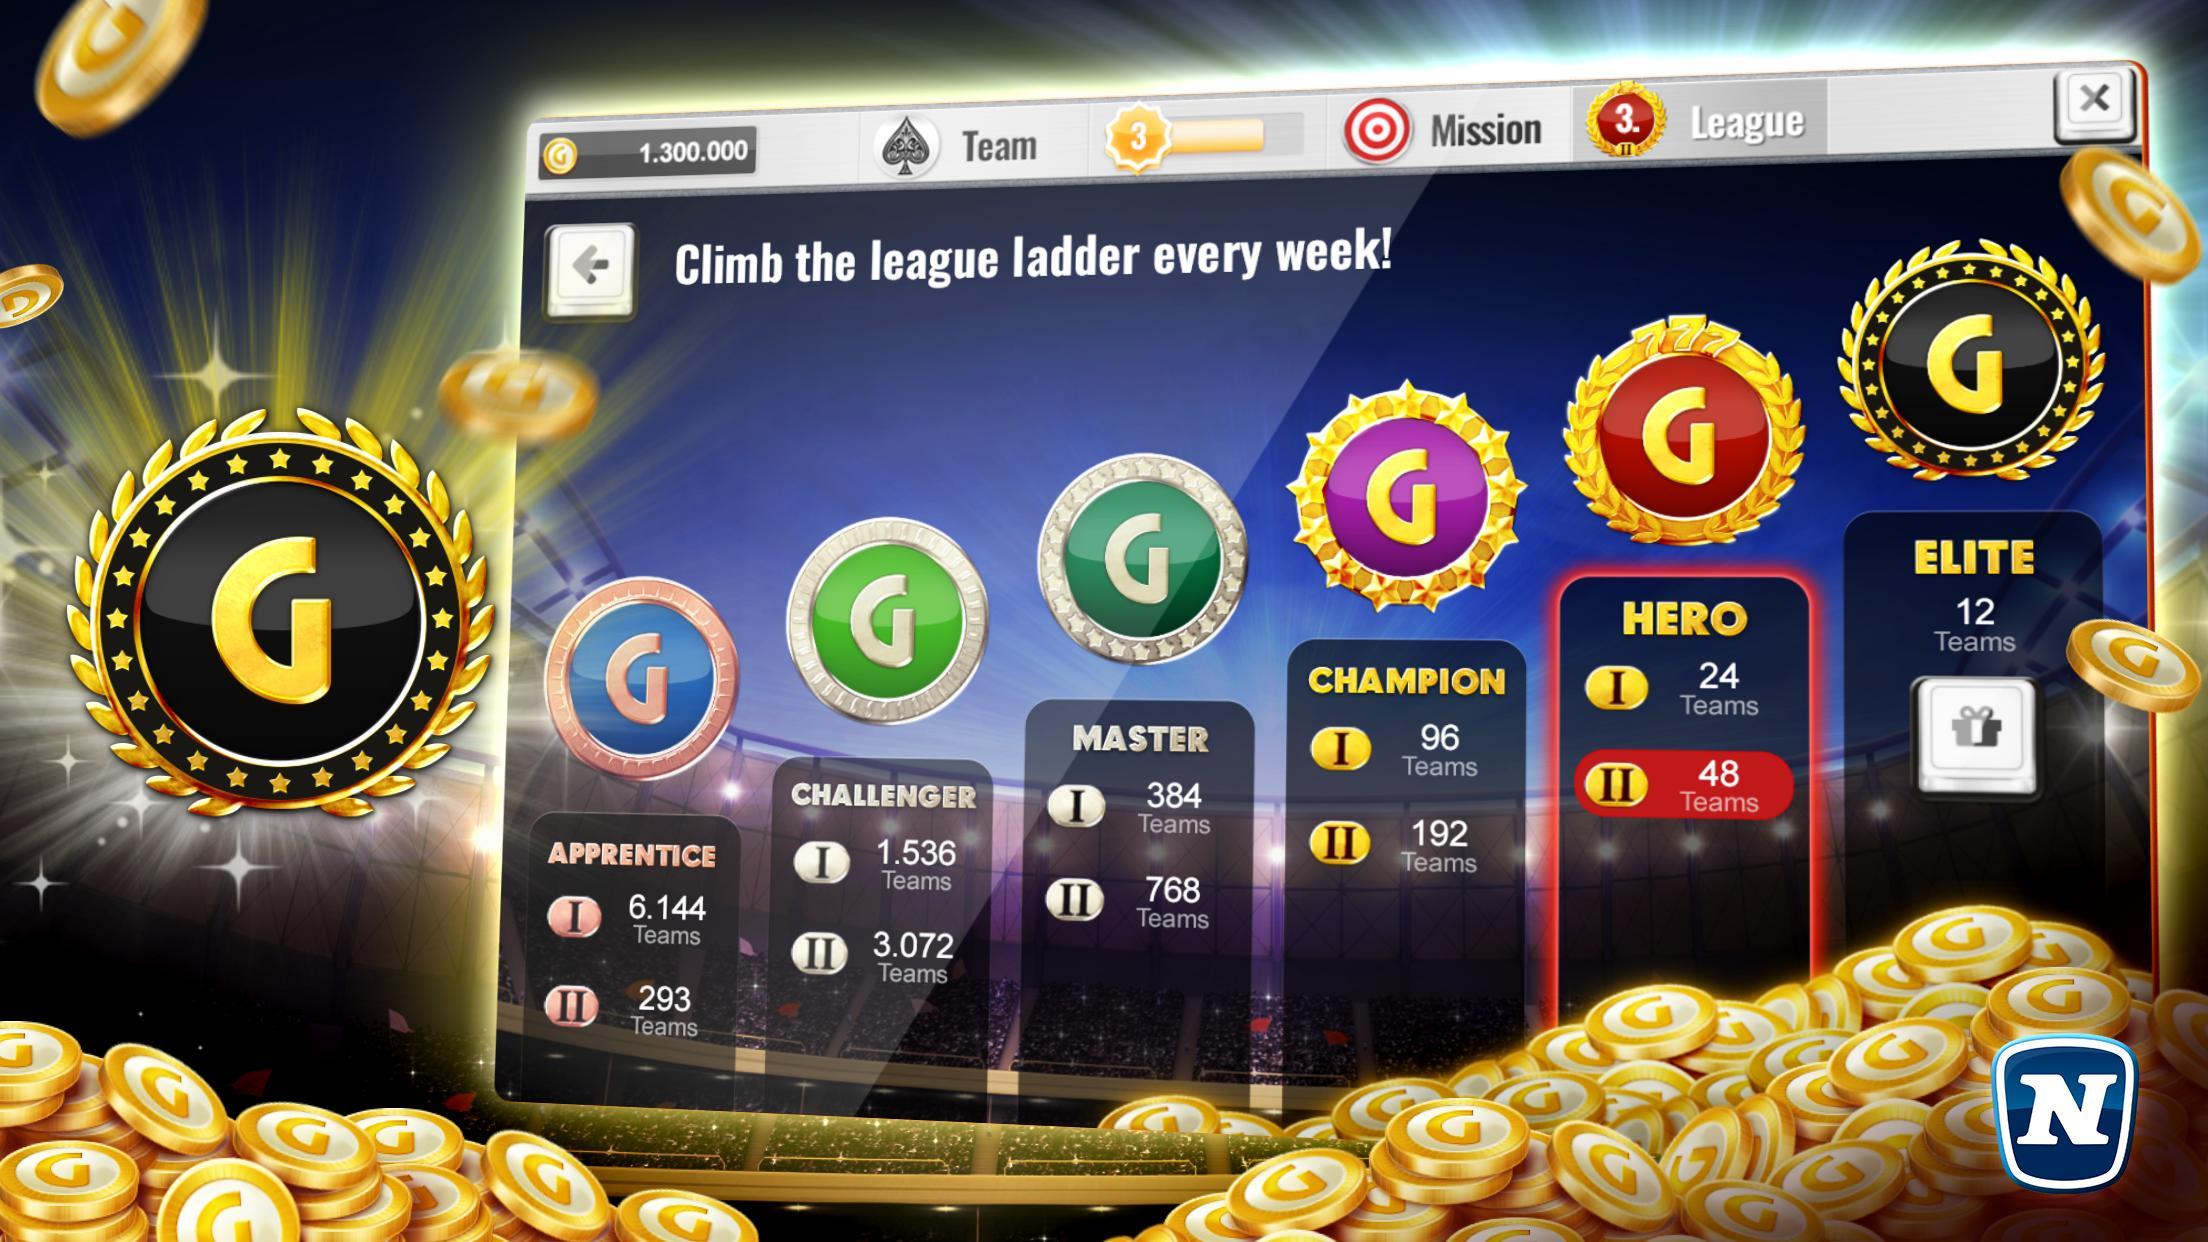 Club player casino $200 no deposit bonus codes 2019